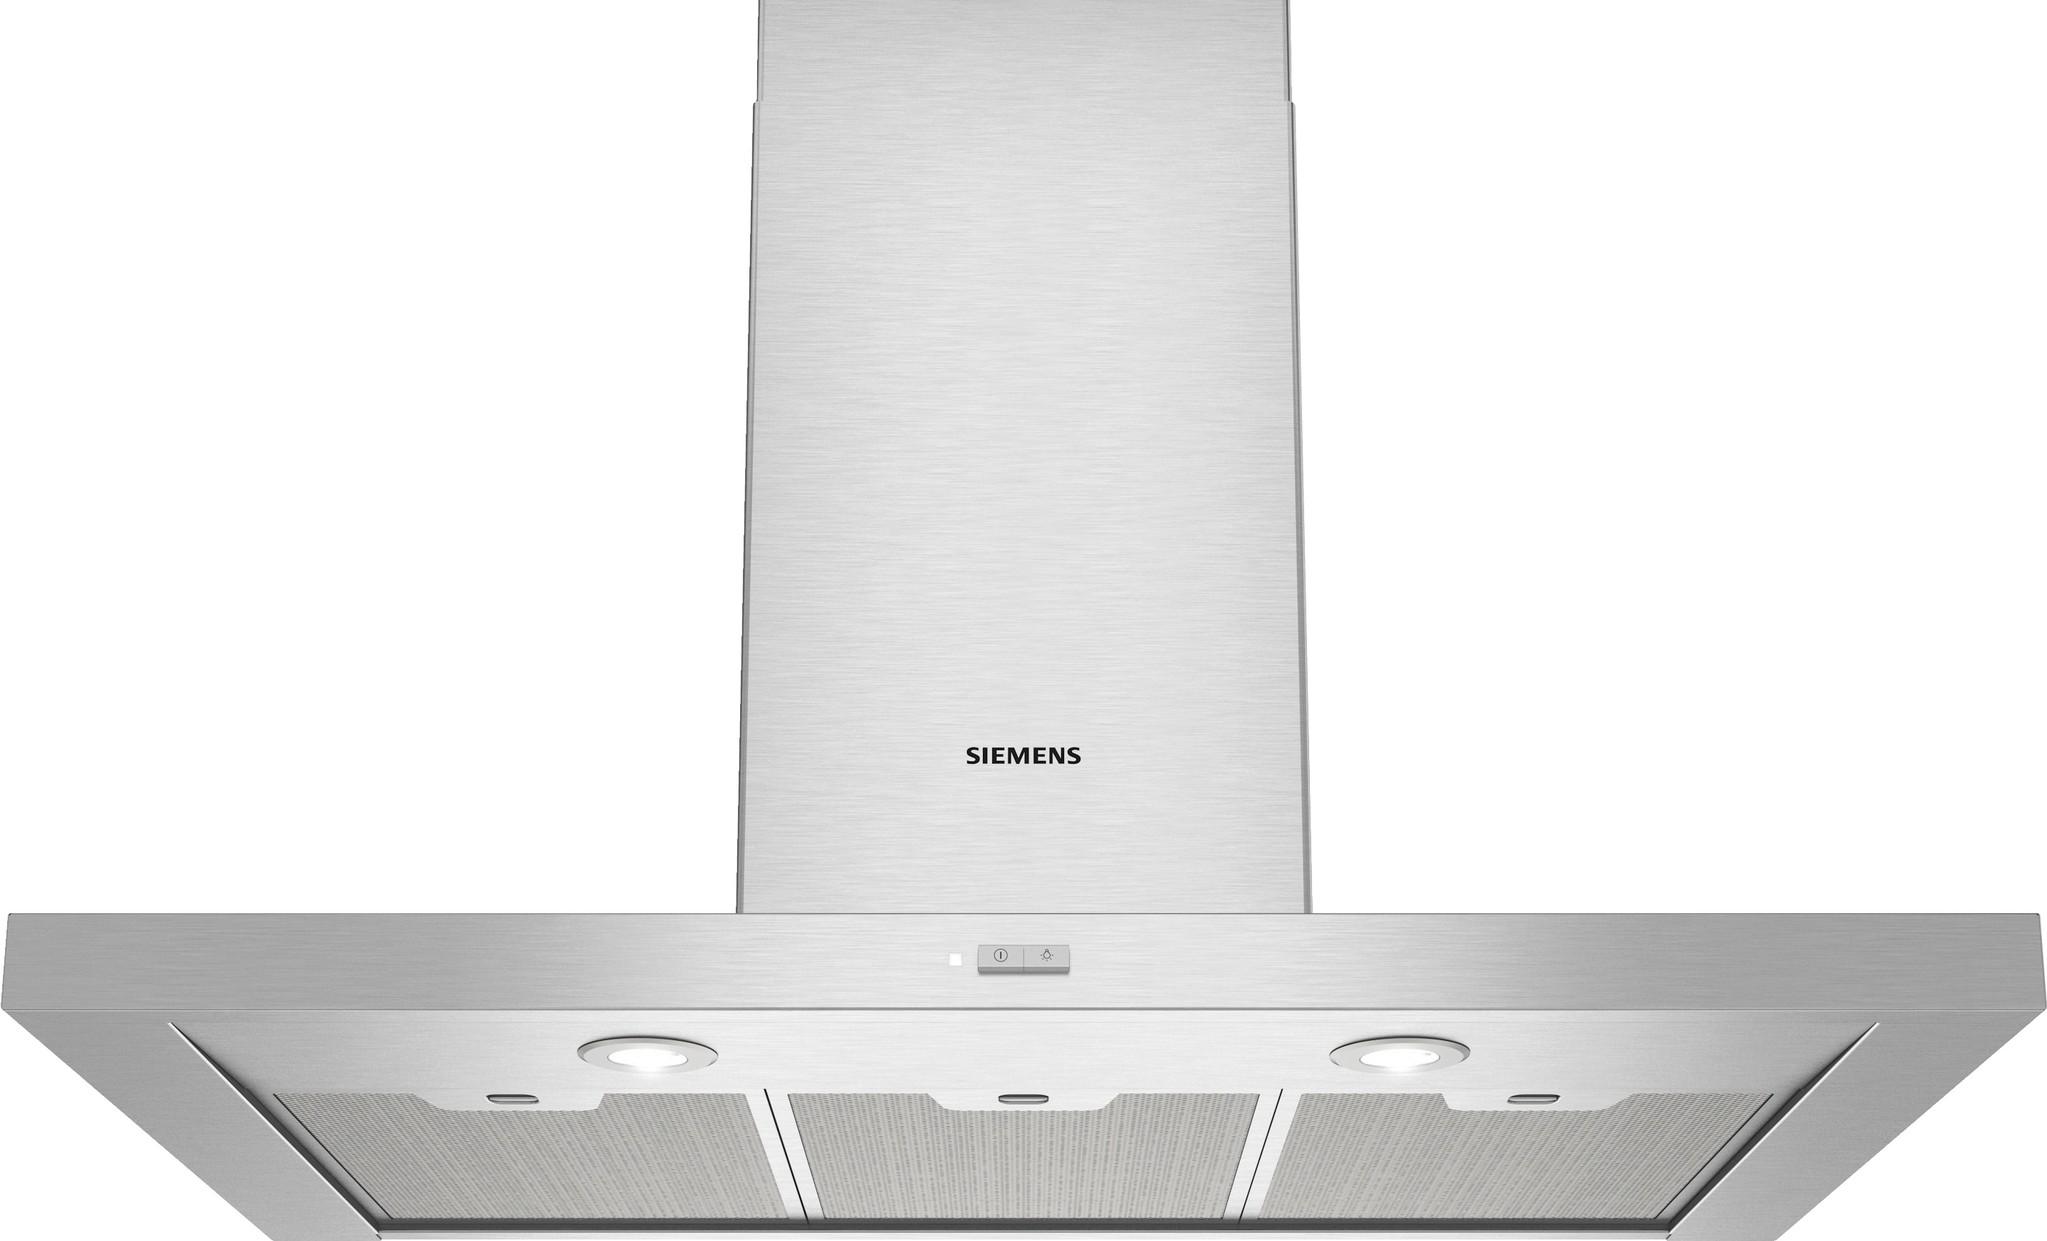 Siemens LC90BA530 - Wandschouw afzuigkap